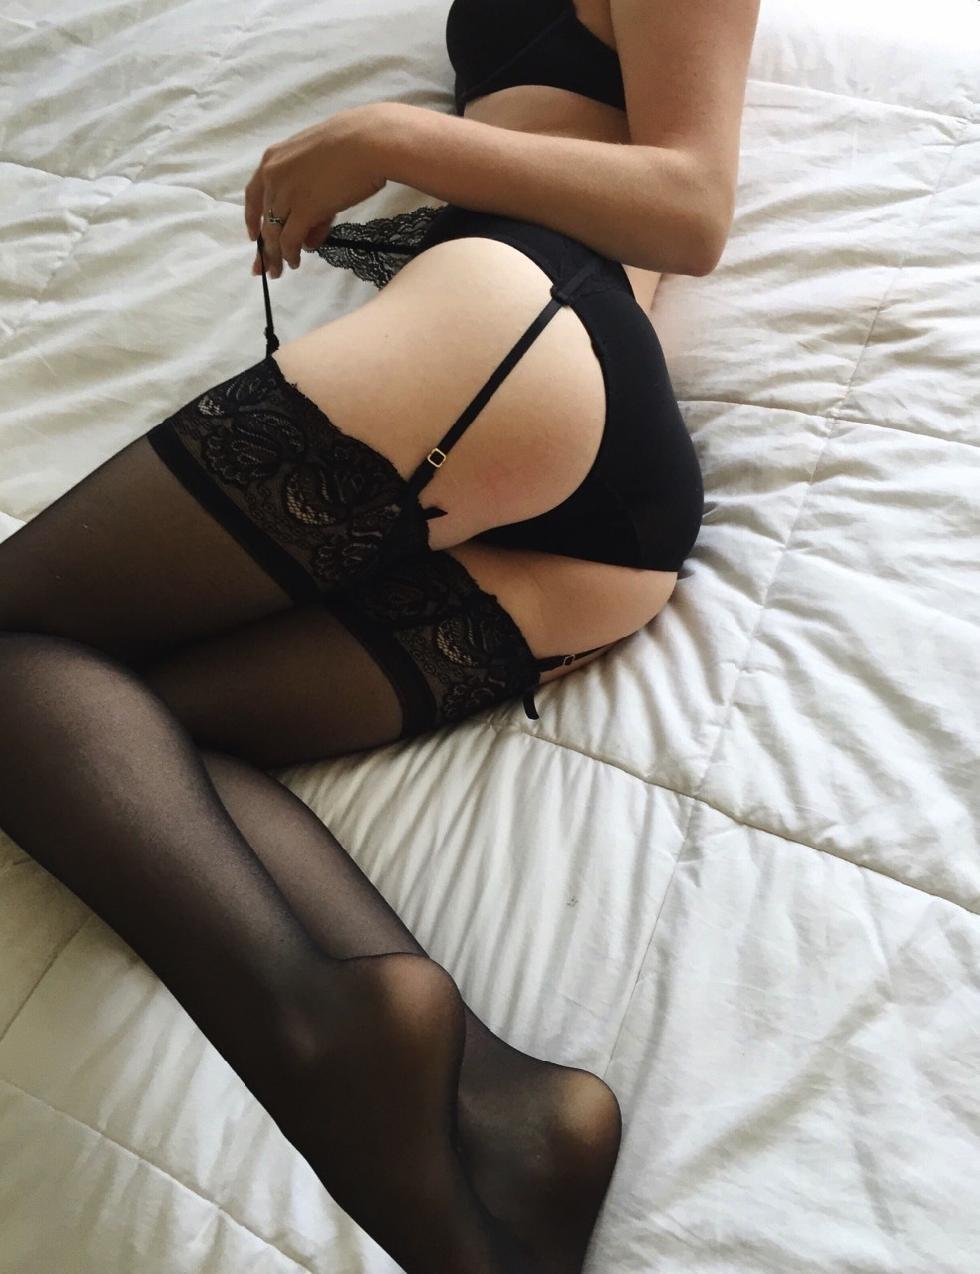 Weekly erotic picdump - 41/2017 - 8